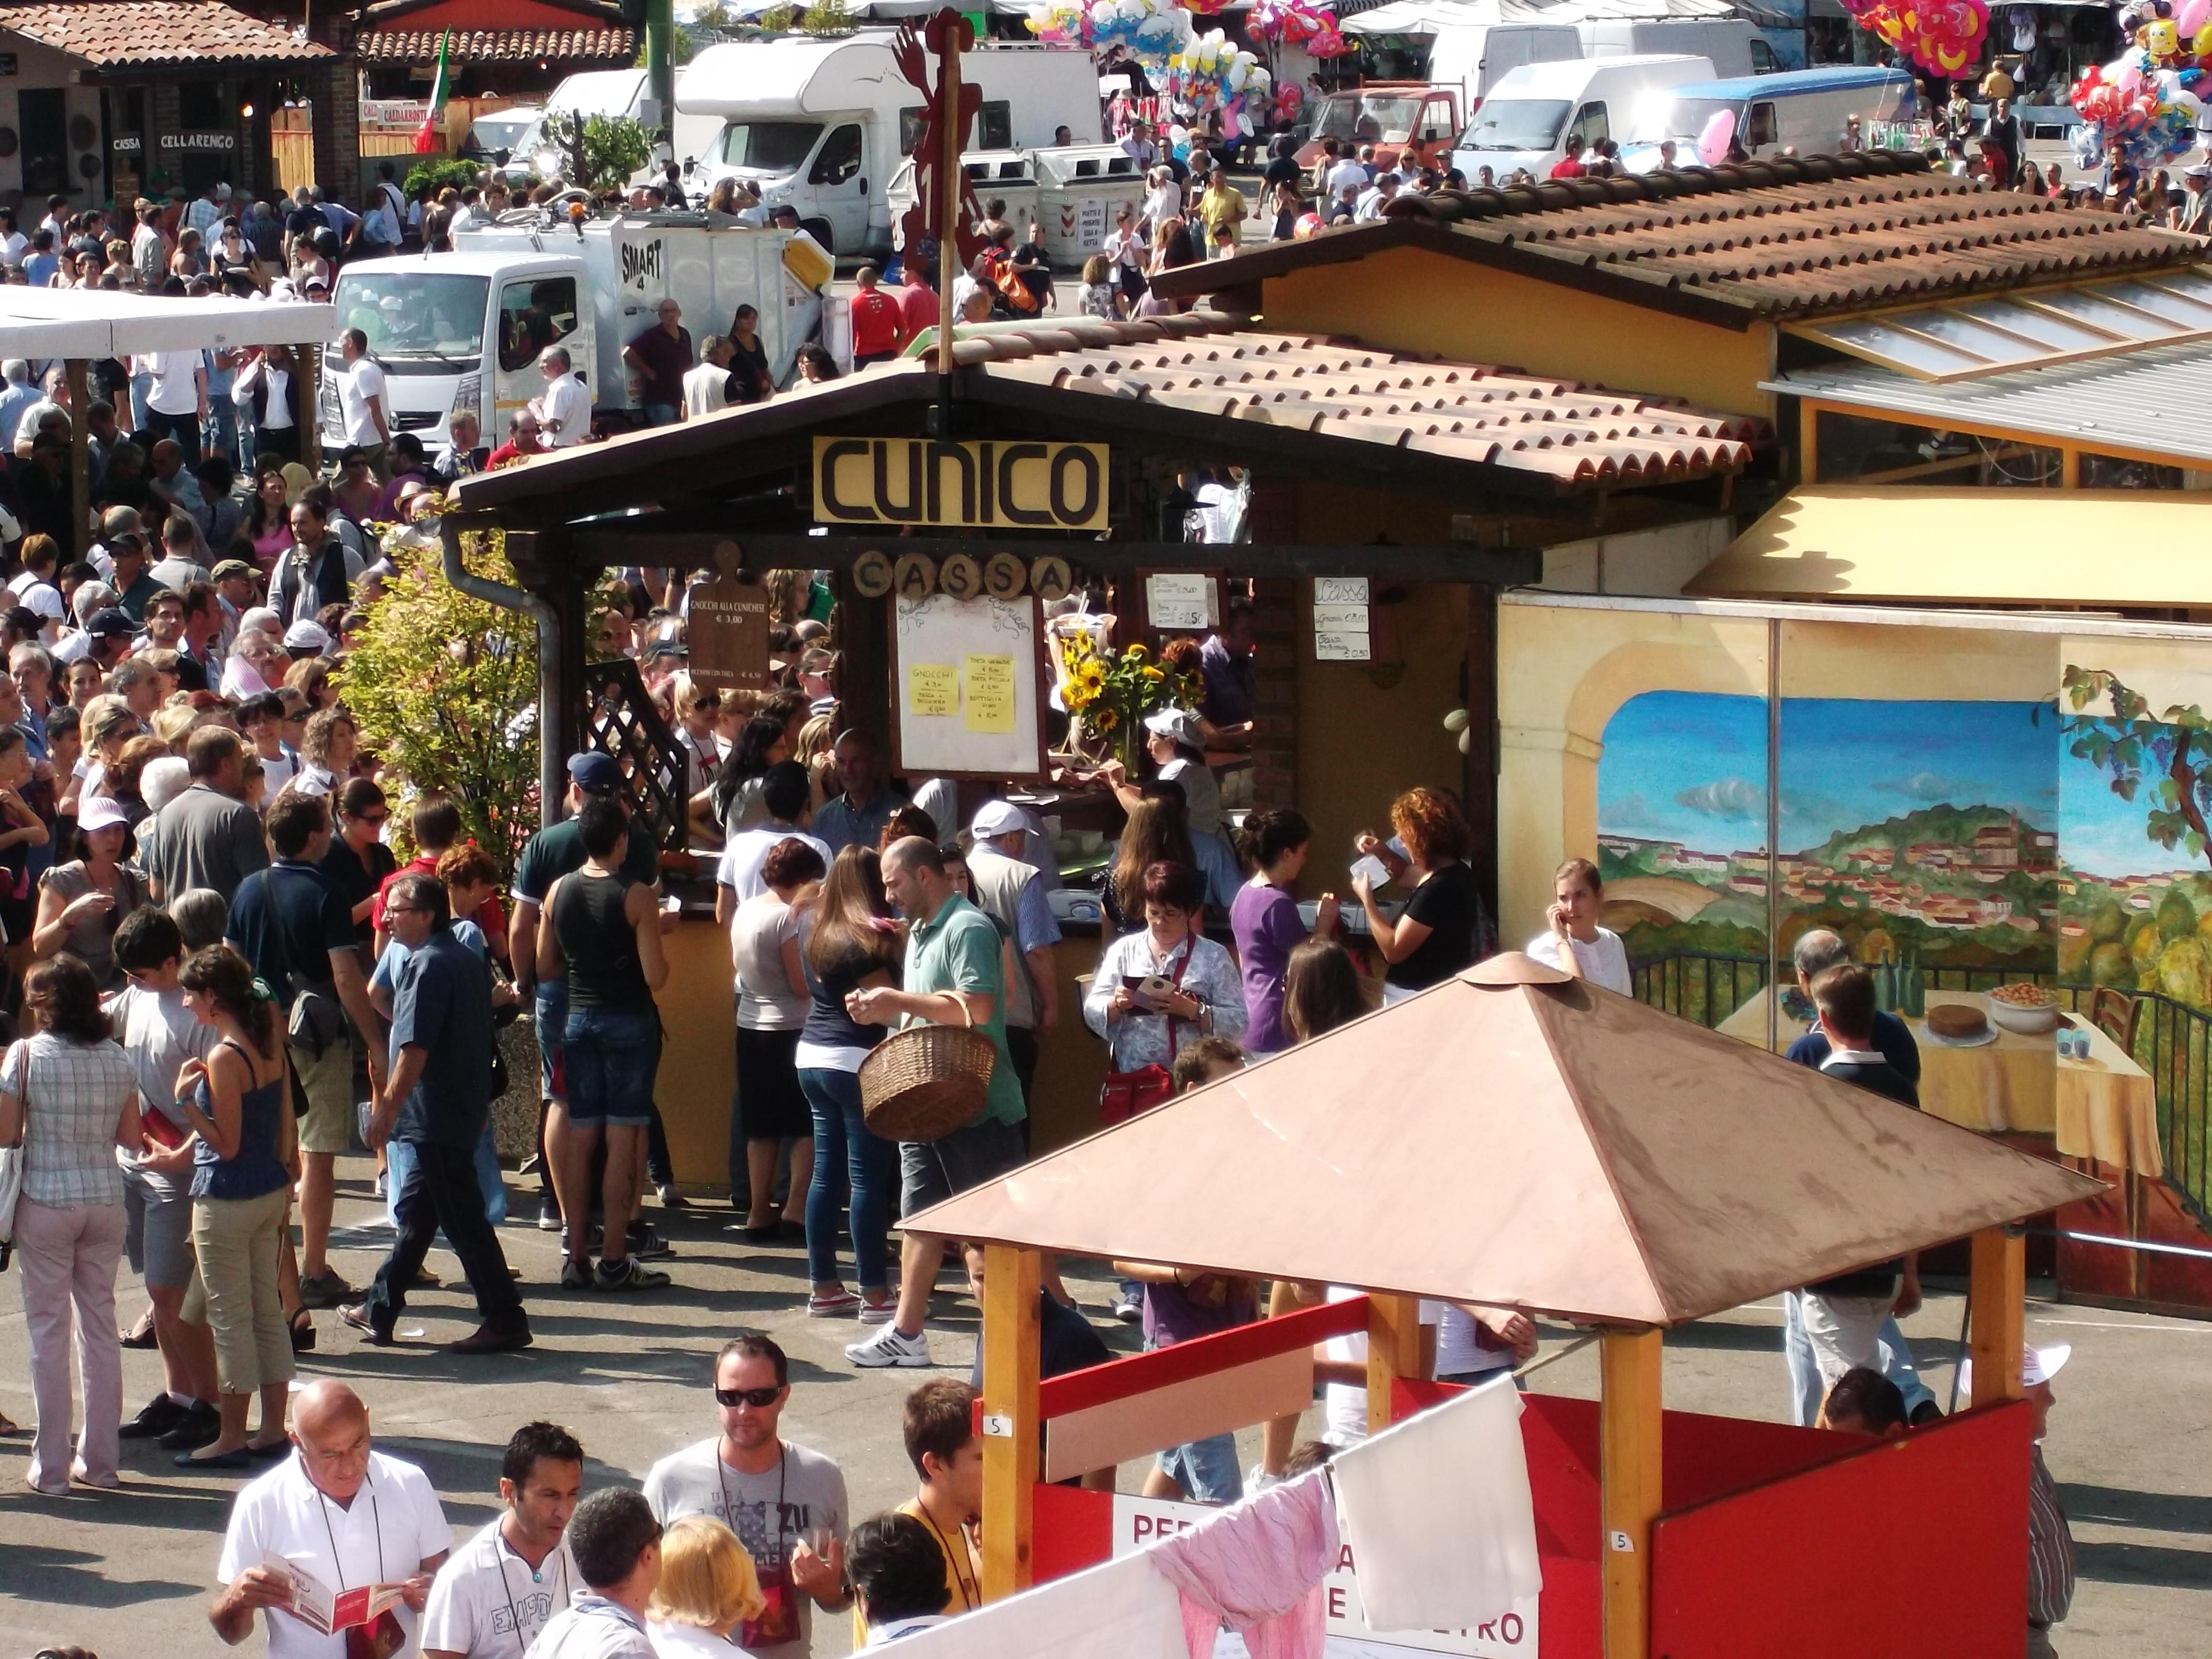 Le sagre d'agosto in Torino e provincia